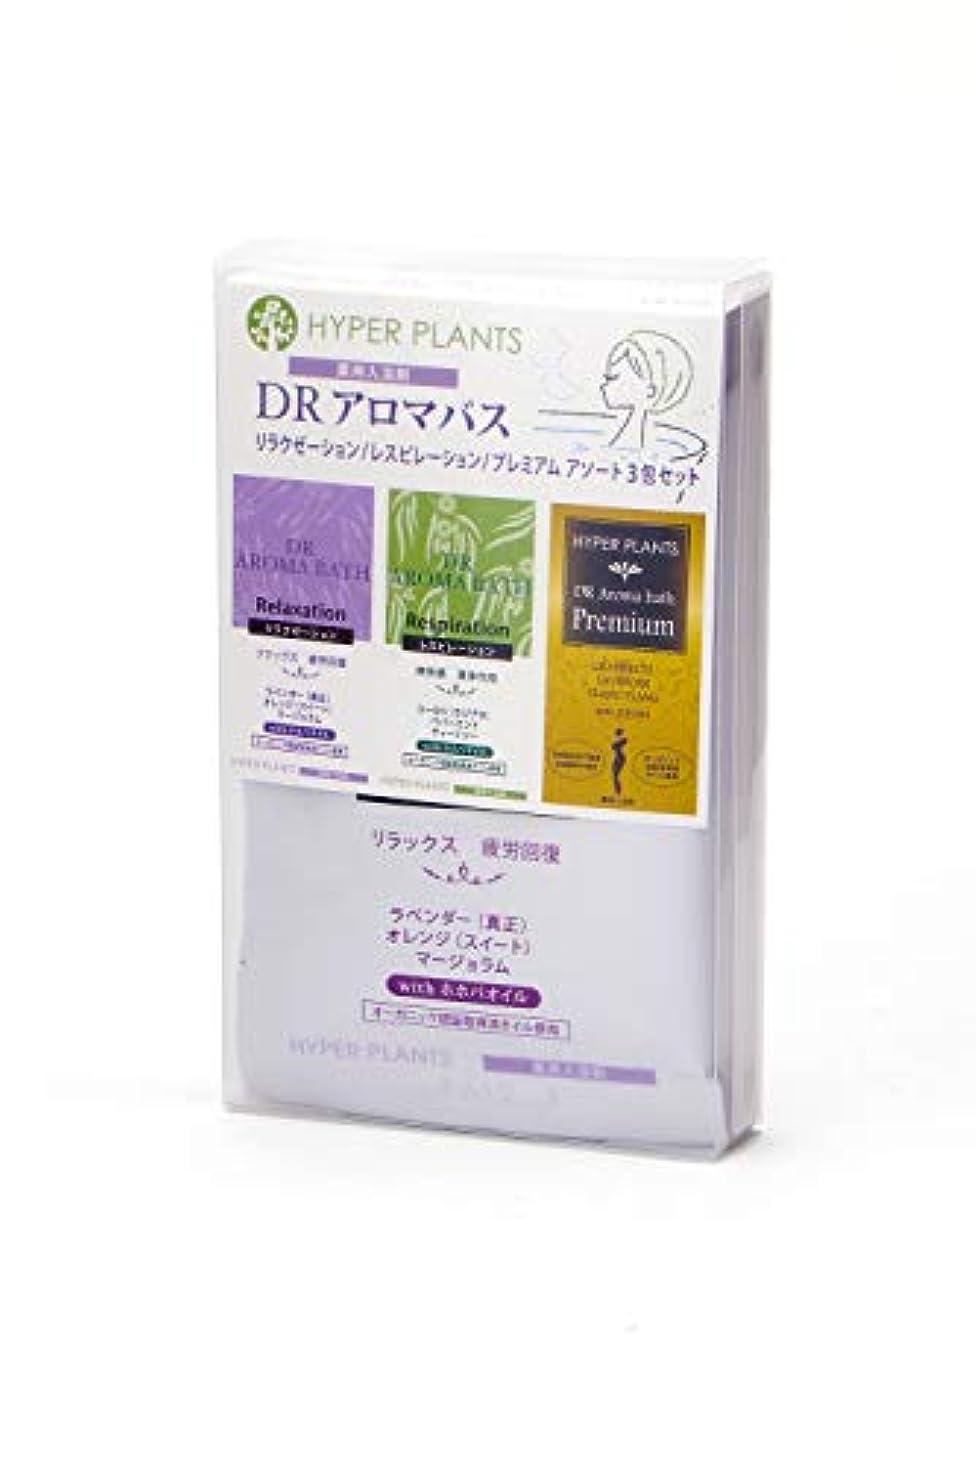 平行マスク笑い医薬部外品 薬用入浴剤 ハイパープランツ DRアロマバス (リラクゼーション、レスピレーション、プレミアム) アソート3包セット